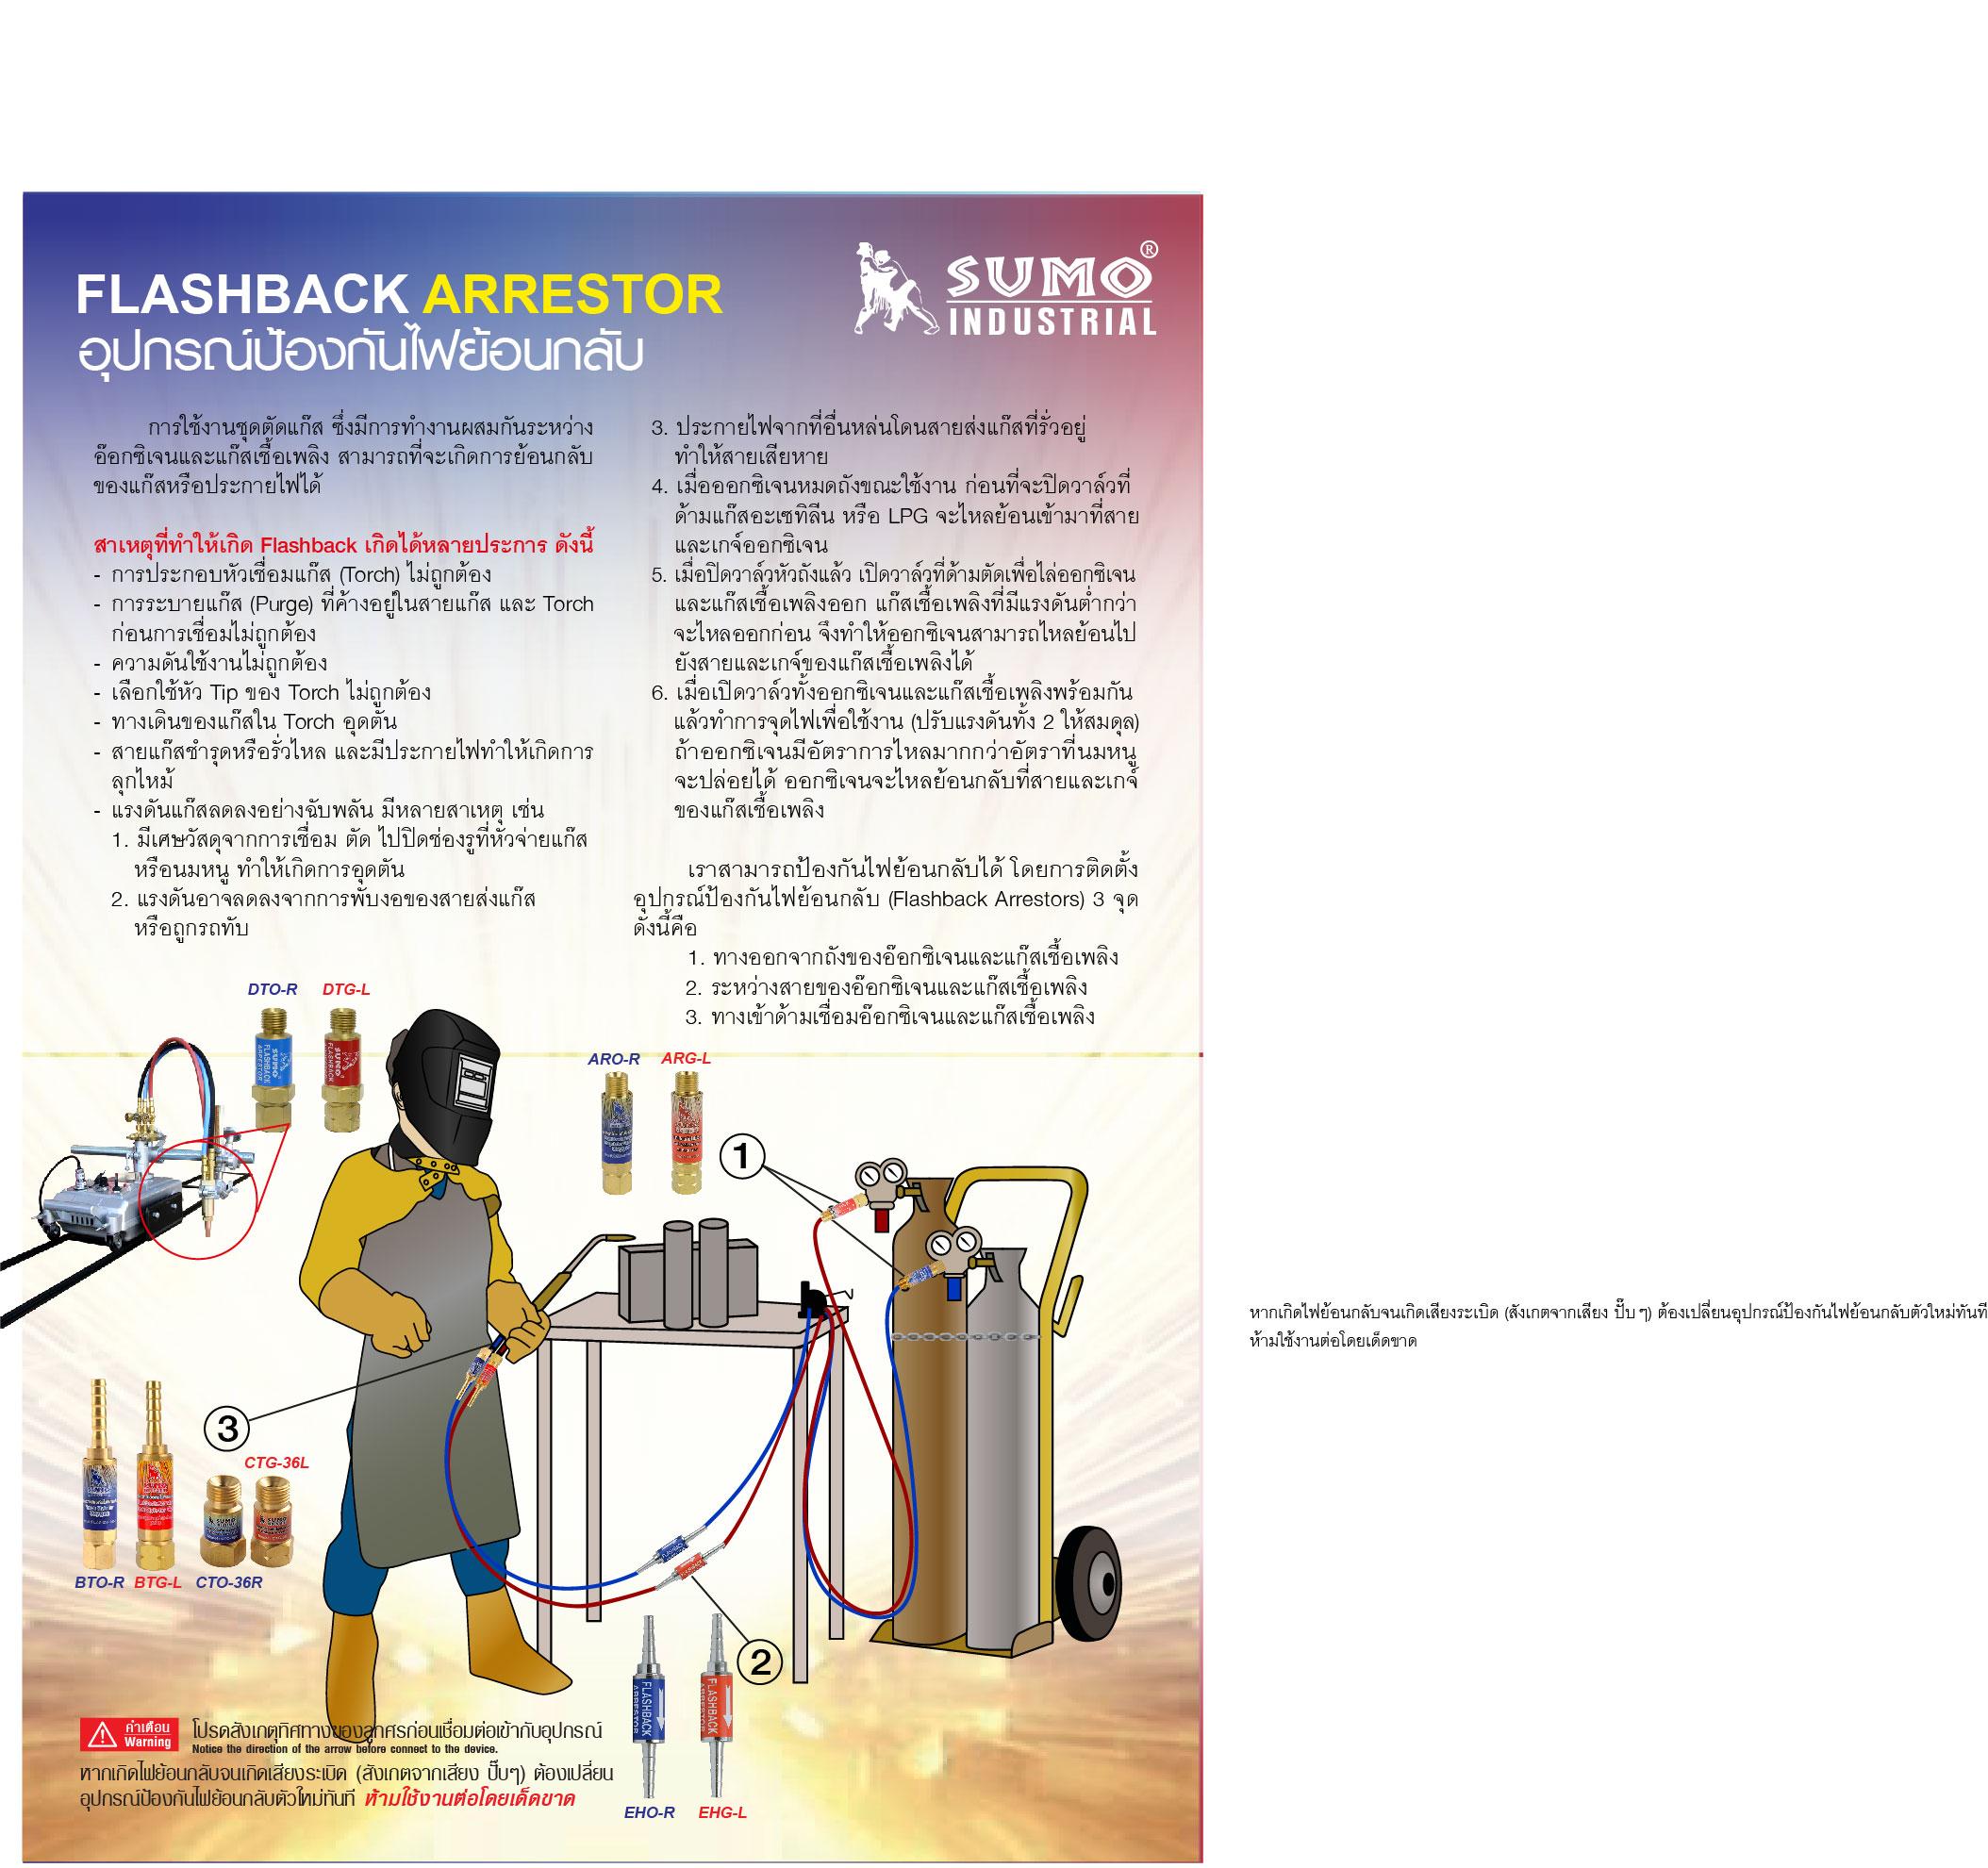 (153/228) อุปกรณ์ป้องกันไฟย้อนกลับ Flashback arrestor